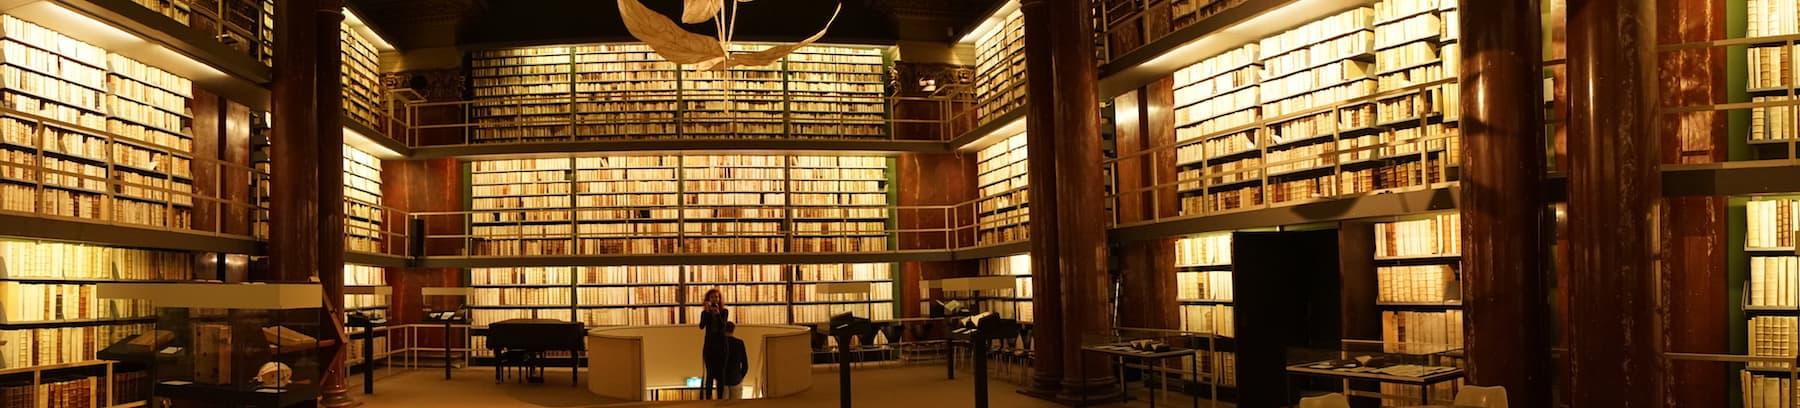 Blick in die Augusteerhalle der Herzog-August-Bibliothek in Wolfenbüttel.